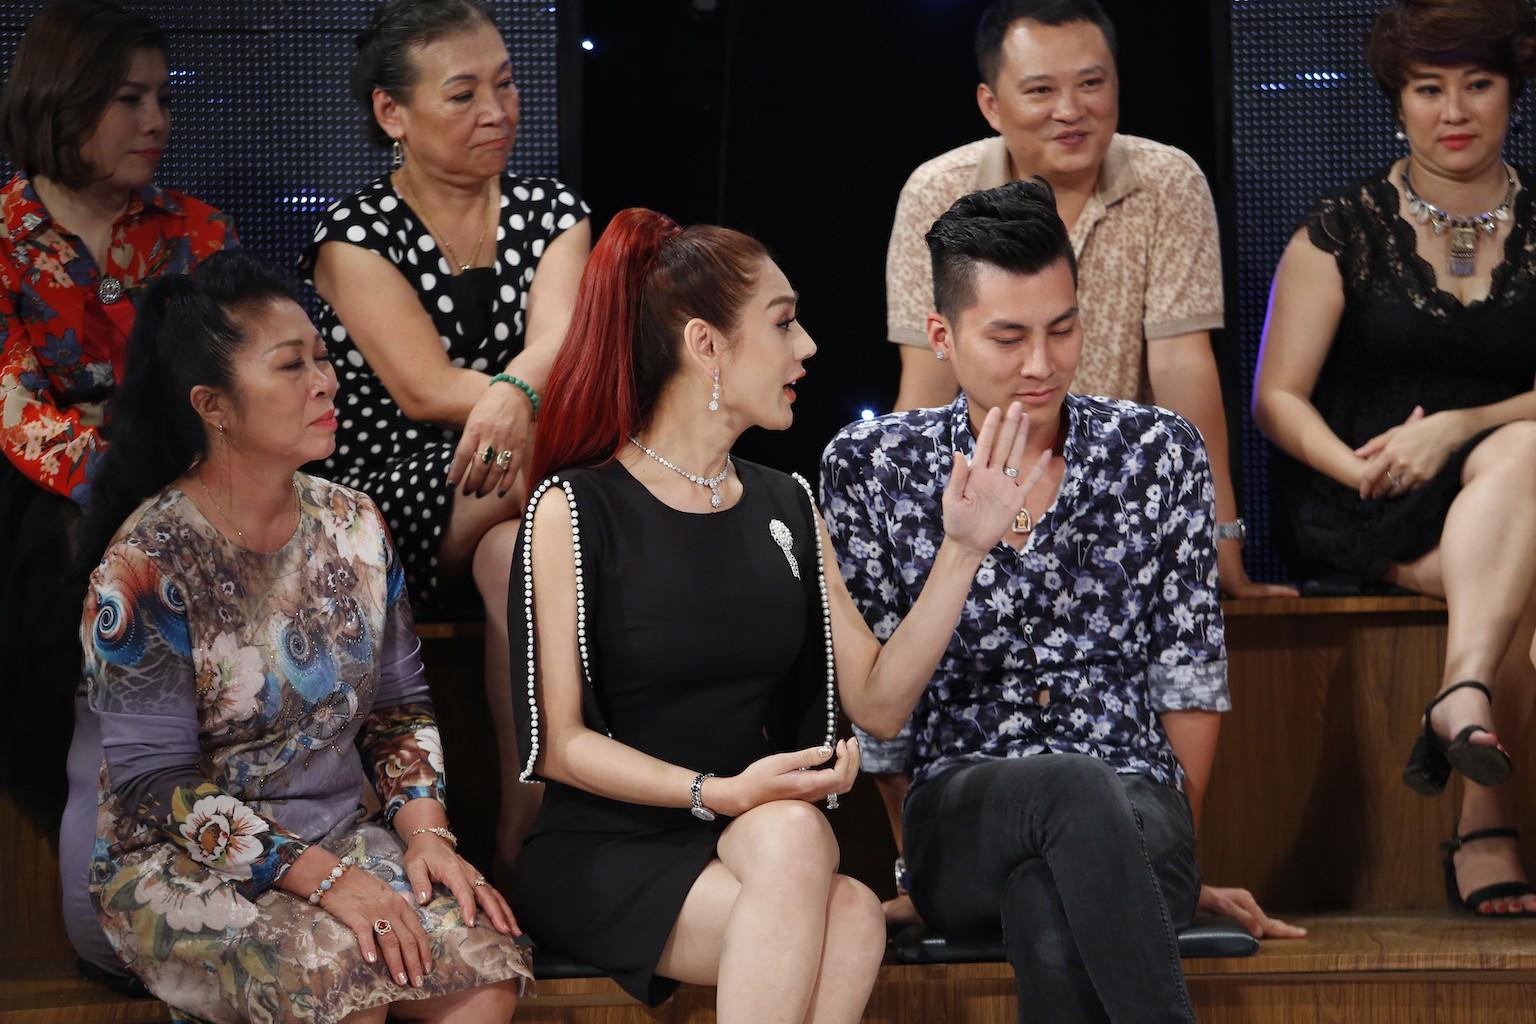 Bị Lâm Khánh Chi nhận xét là ích kỷ, Tú Vi khẳng định chỉ khi có con mới hiểu cảm giác trầm cảm ra sao - Ảnh 5.